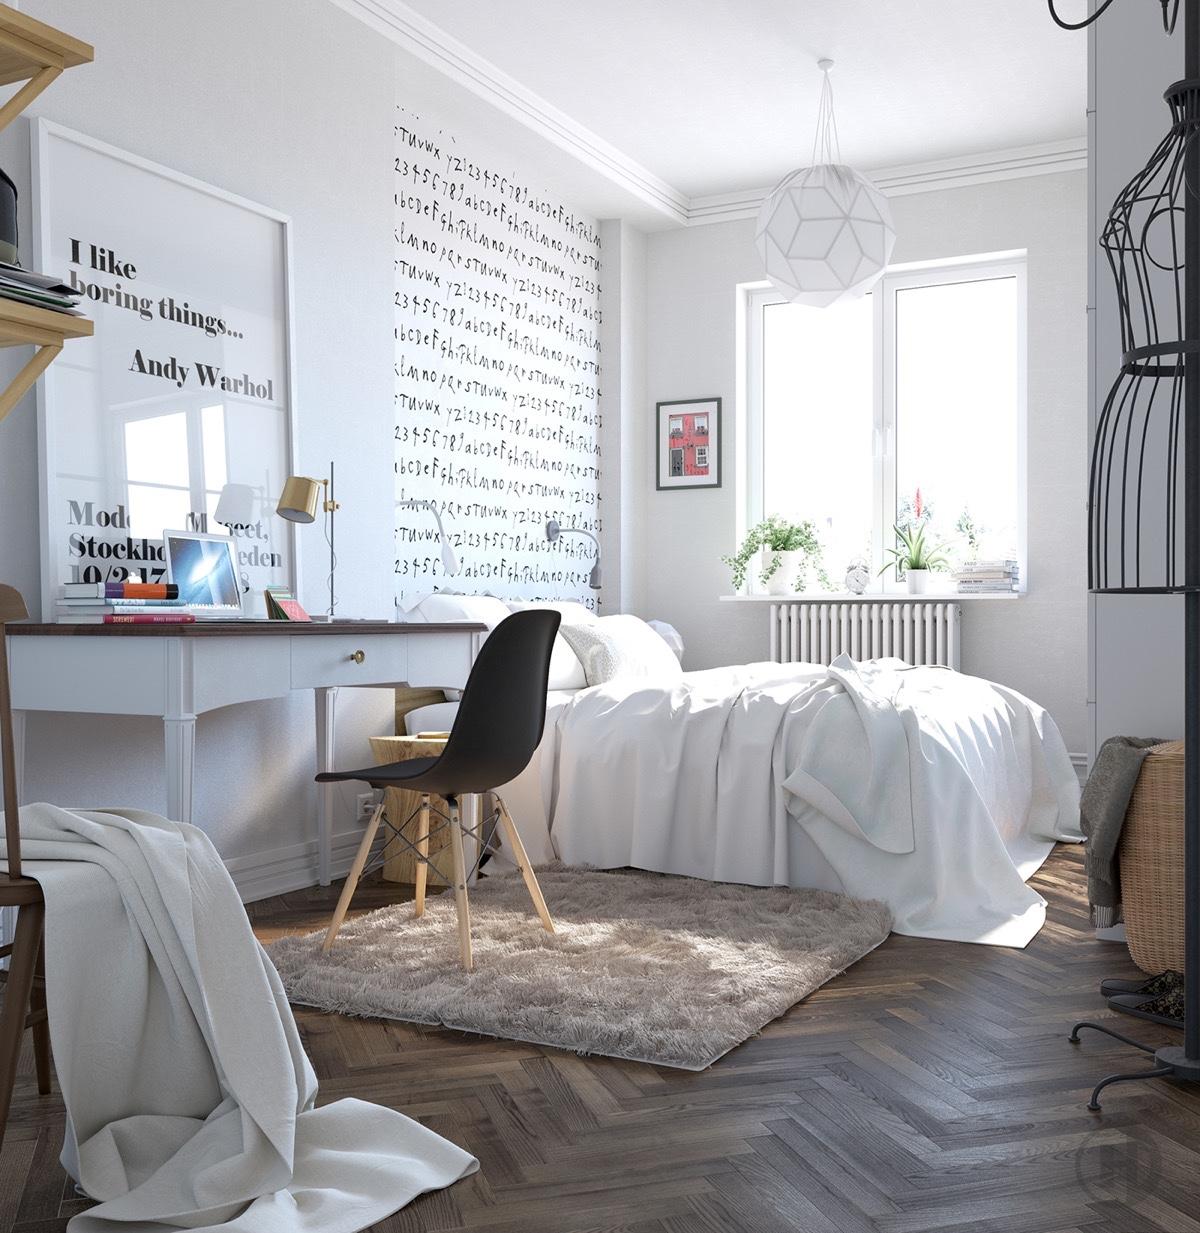 Căn phòng này được trang trí theo phong cách typographic hơn - các con chữ trên bức tường được thiết kế dường như tạo sự bí ẩn cho căn phòng.